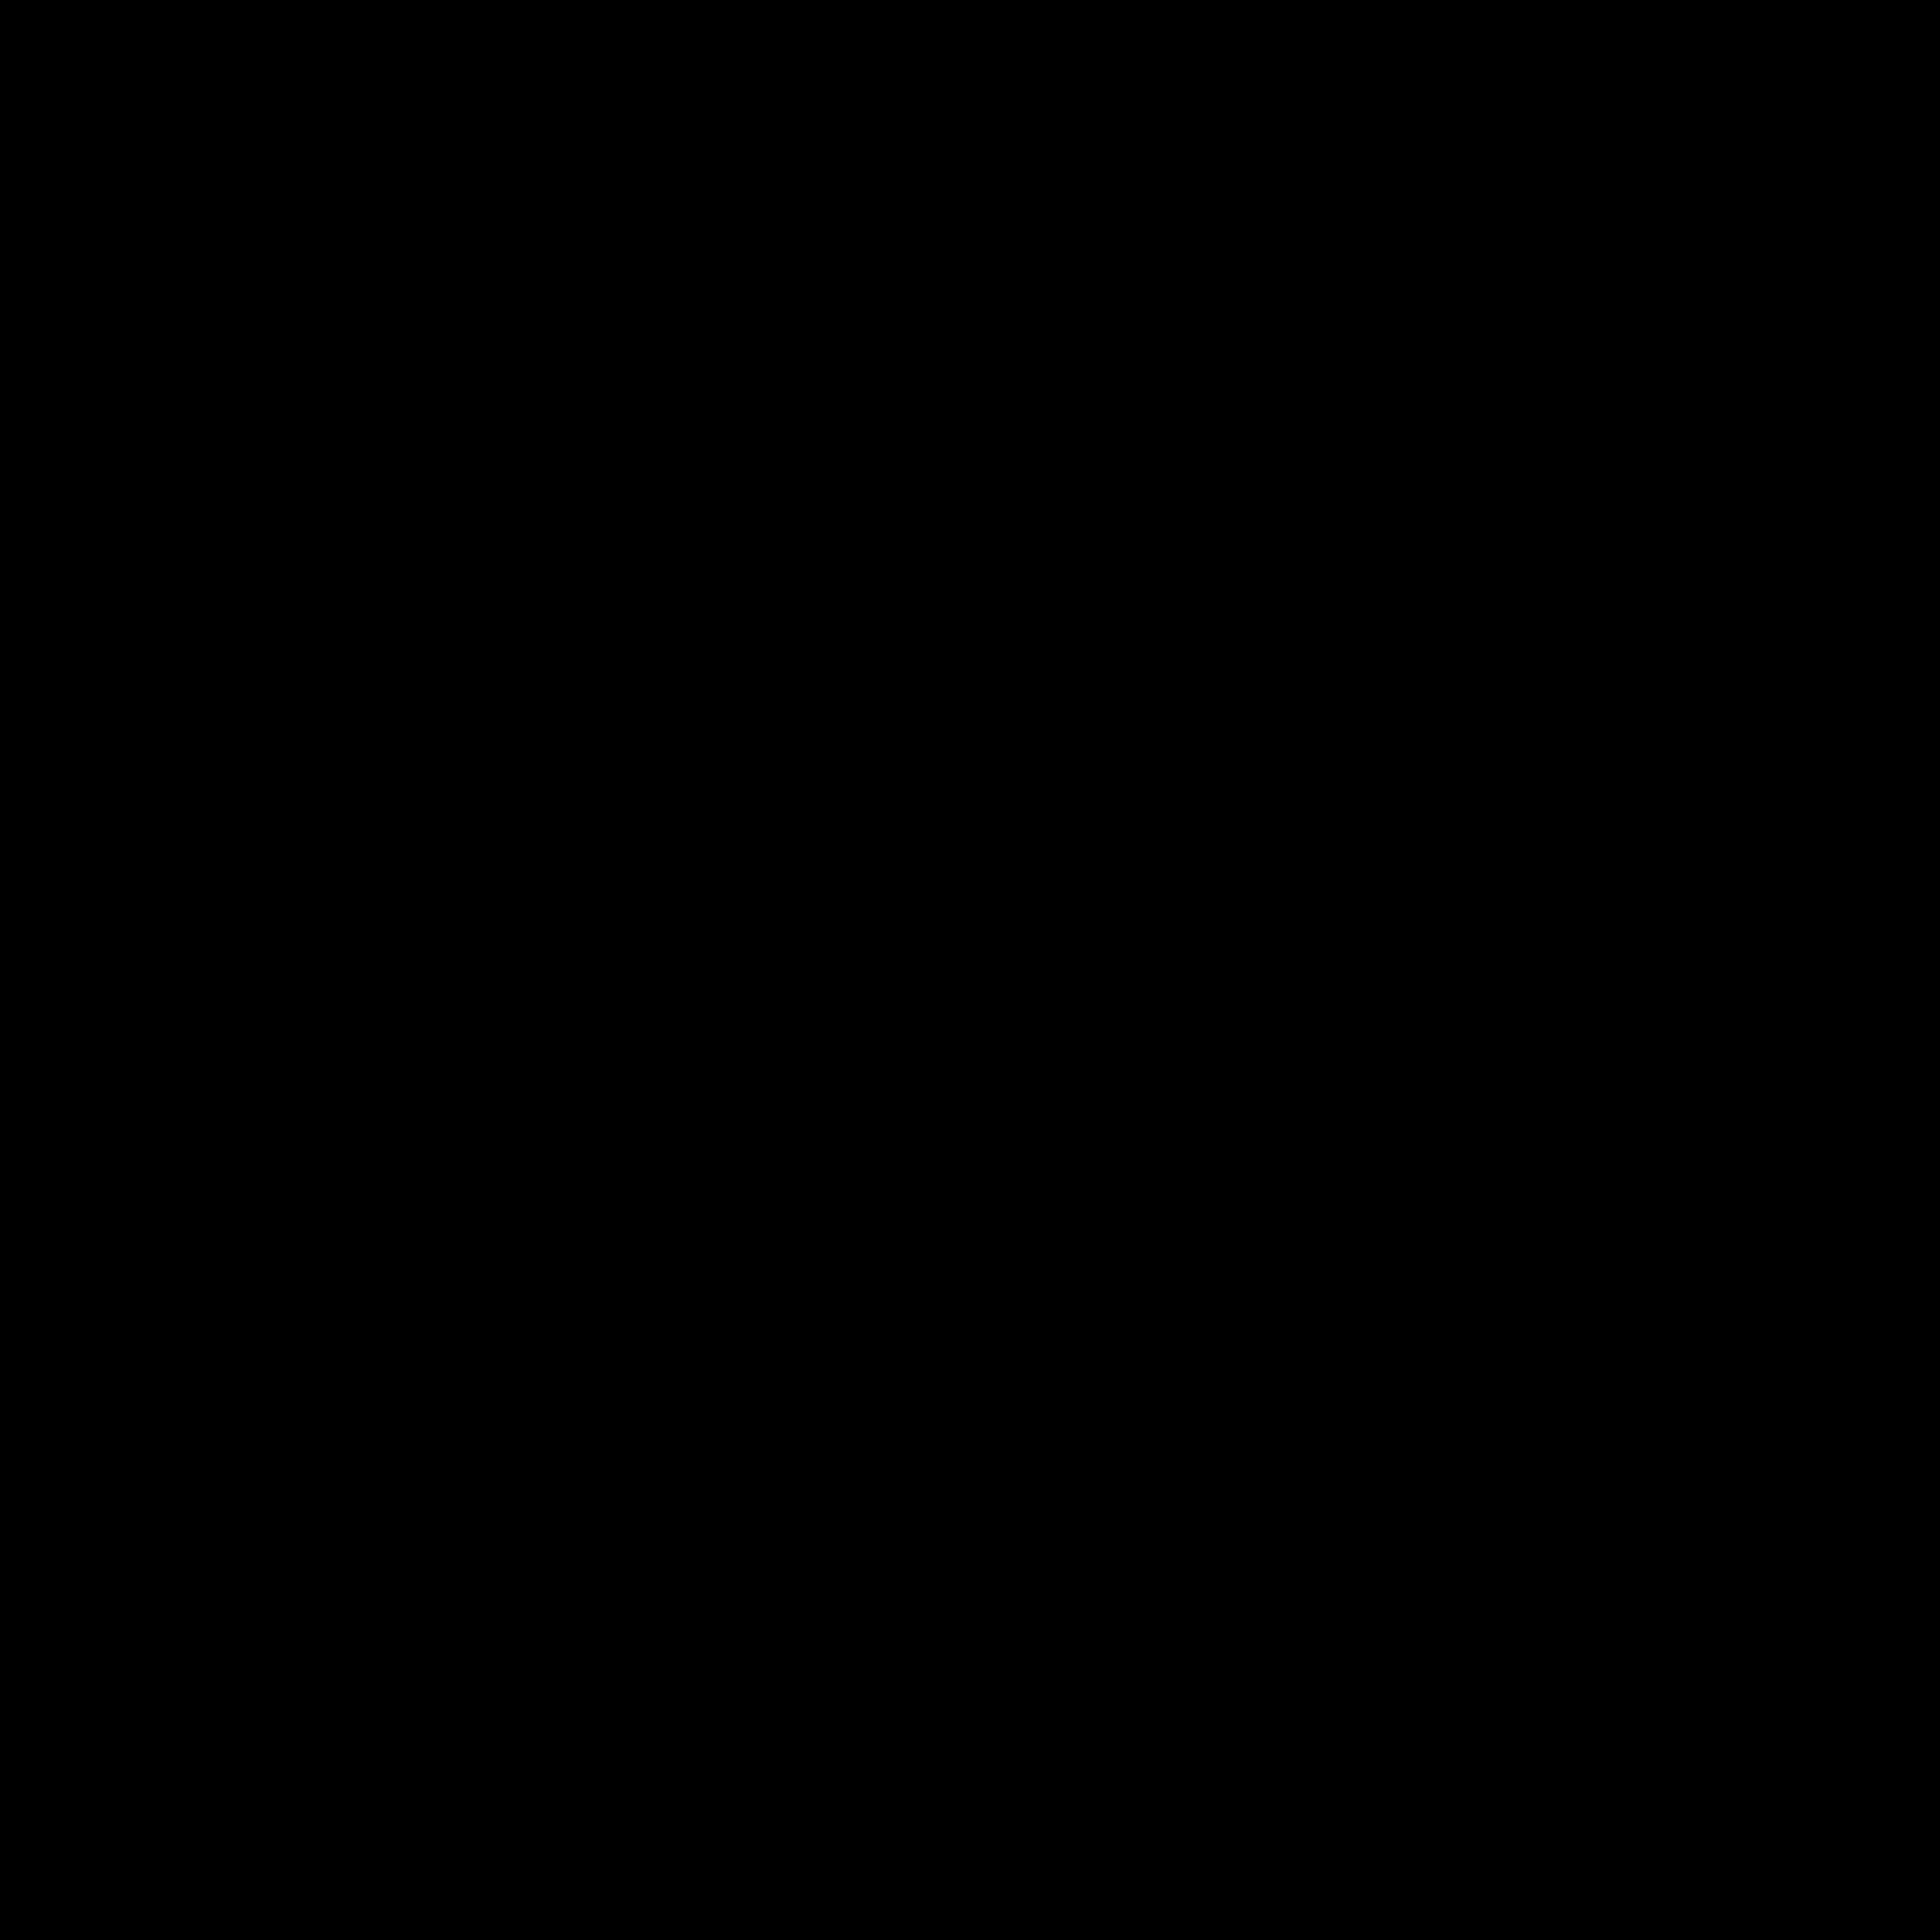 公寓导视  公寓  房地产导视  地产 商场 导视牌 小区导视 经典导视 设计 广告设计 全案 CDR